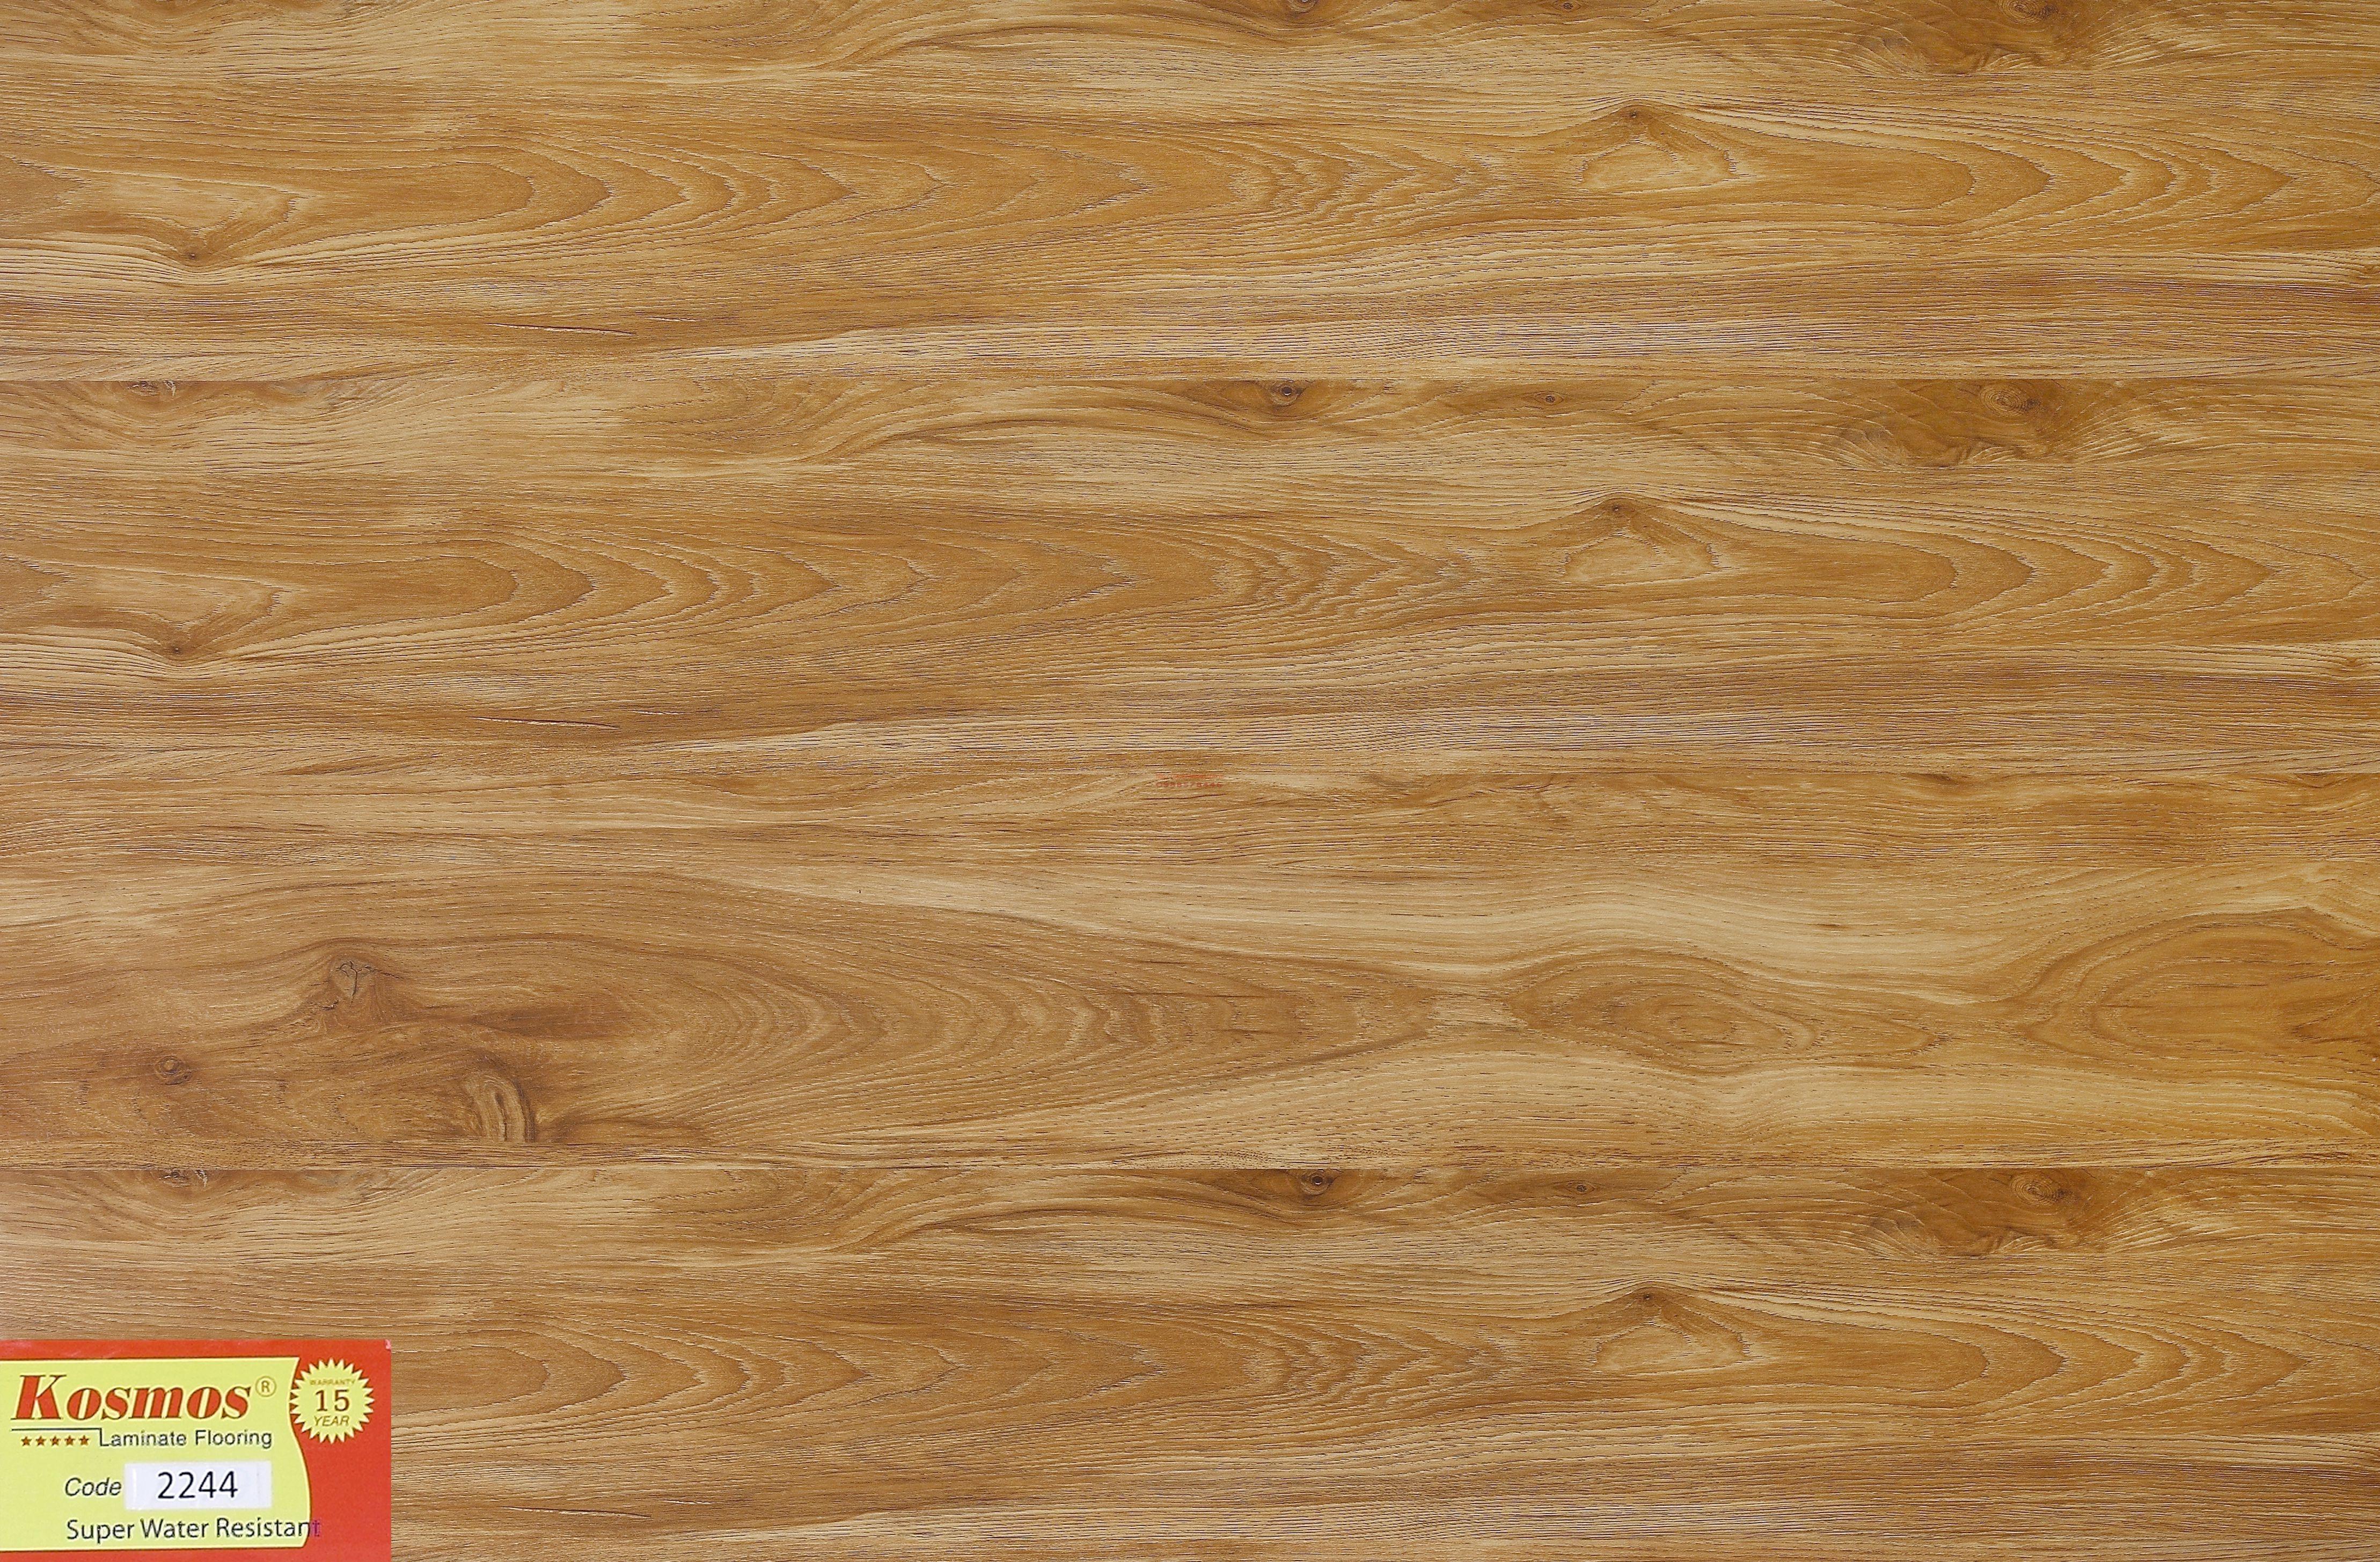 Sàn gỗ kosmos 2244